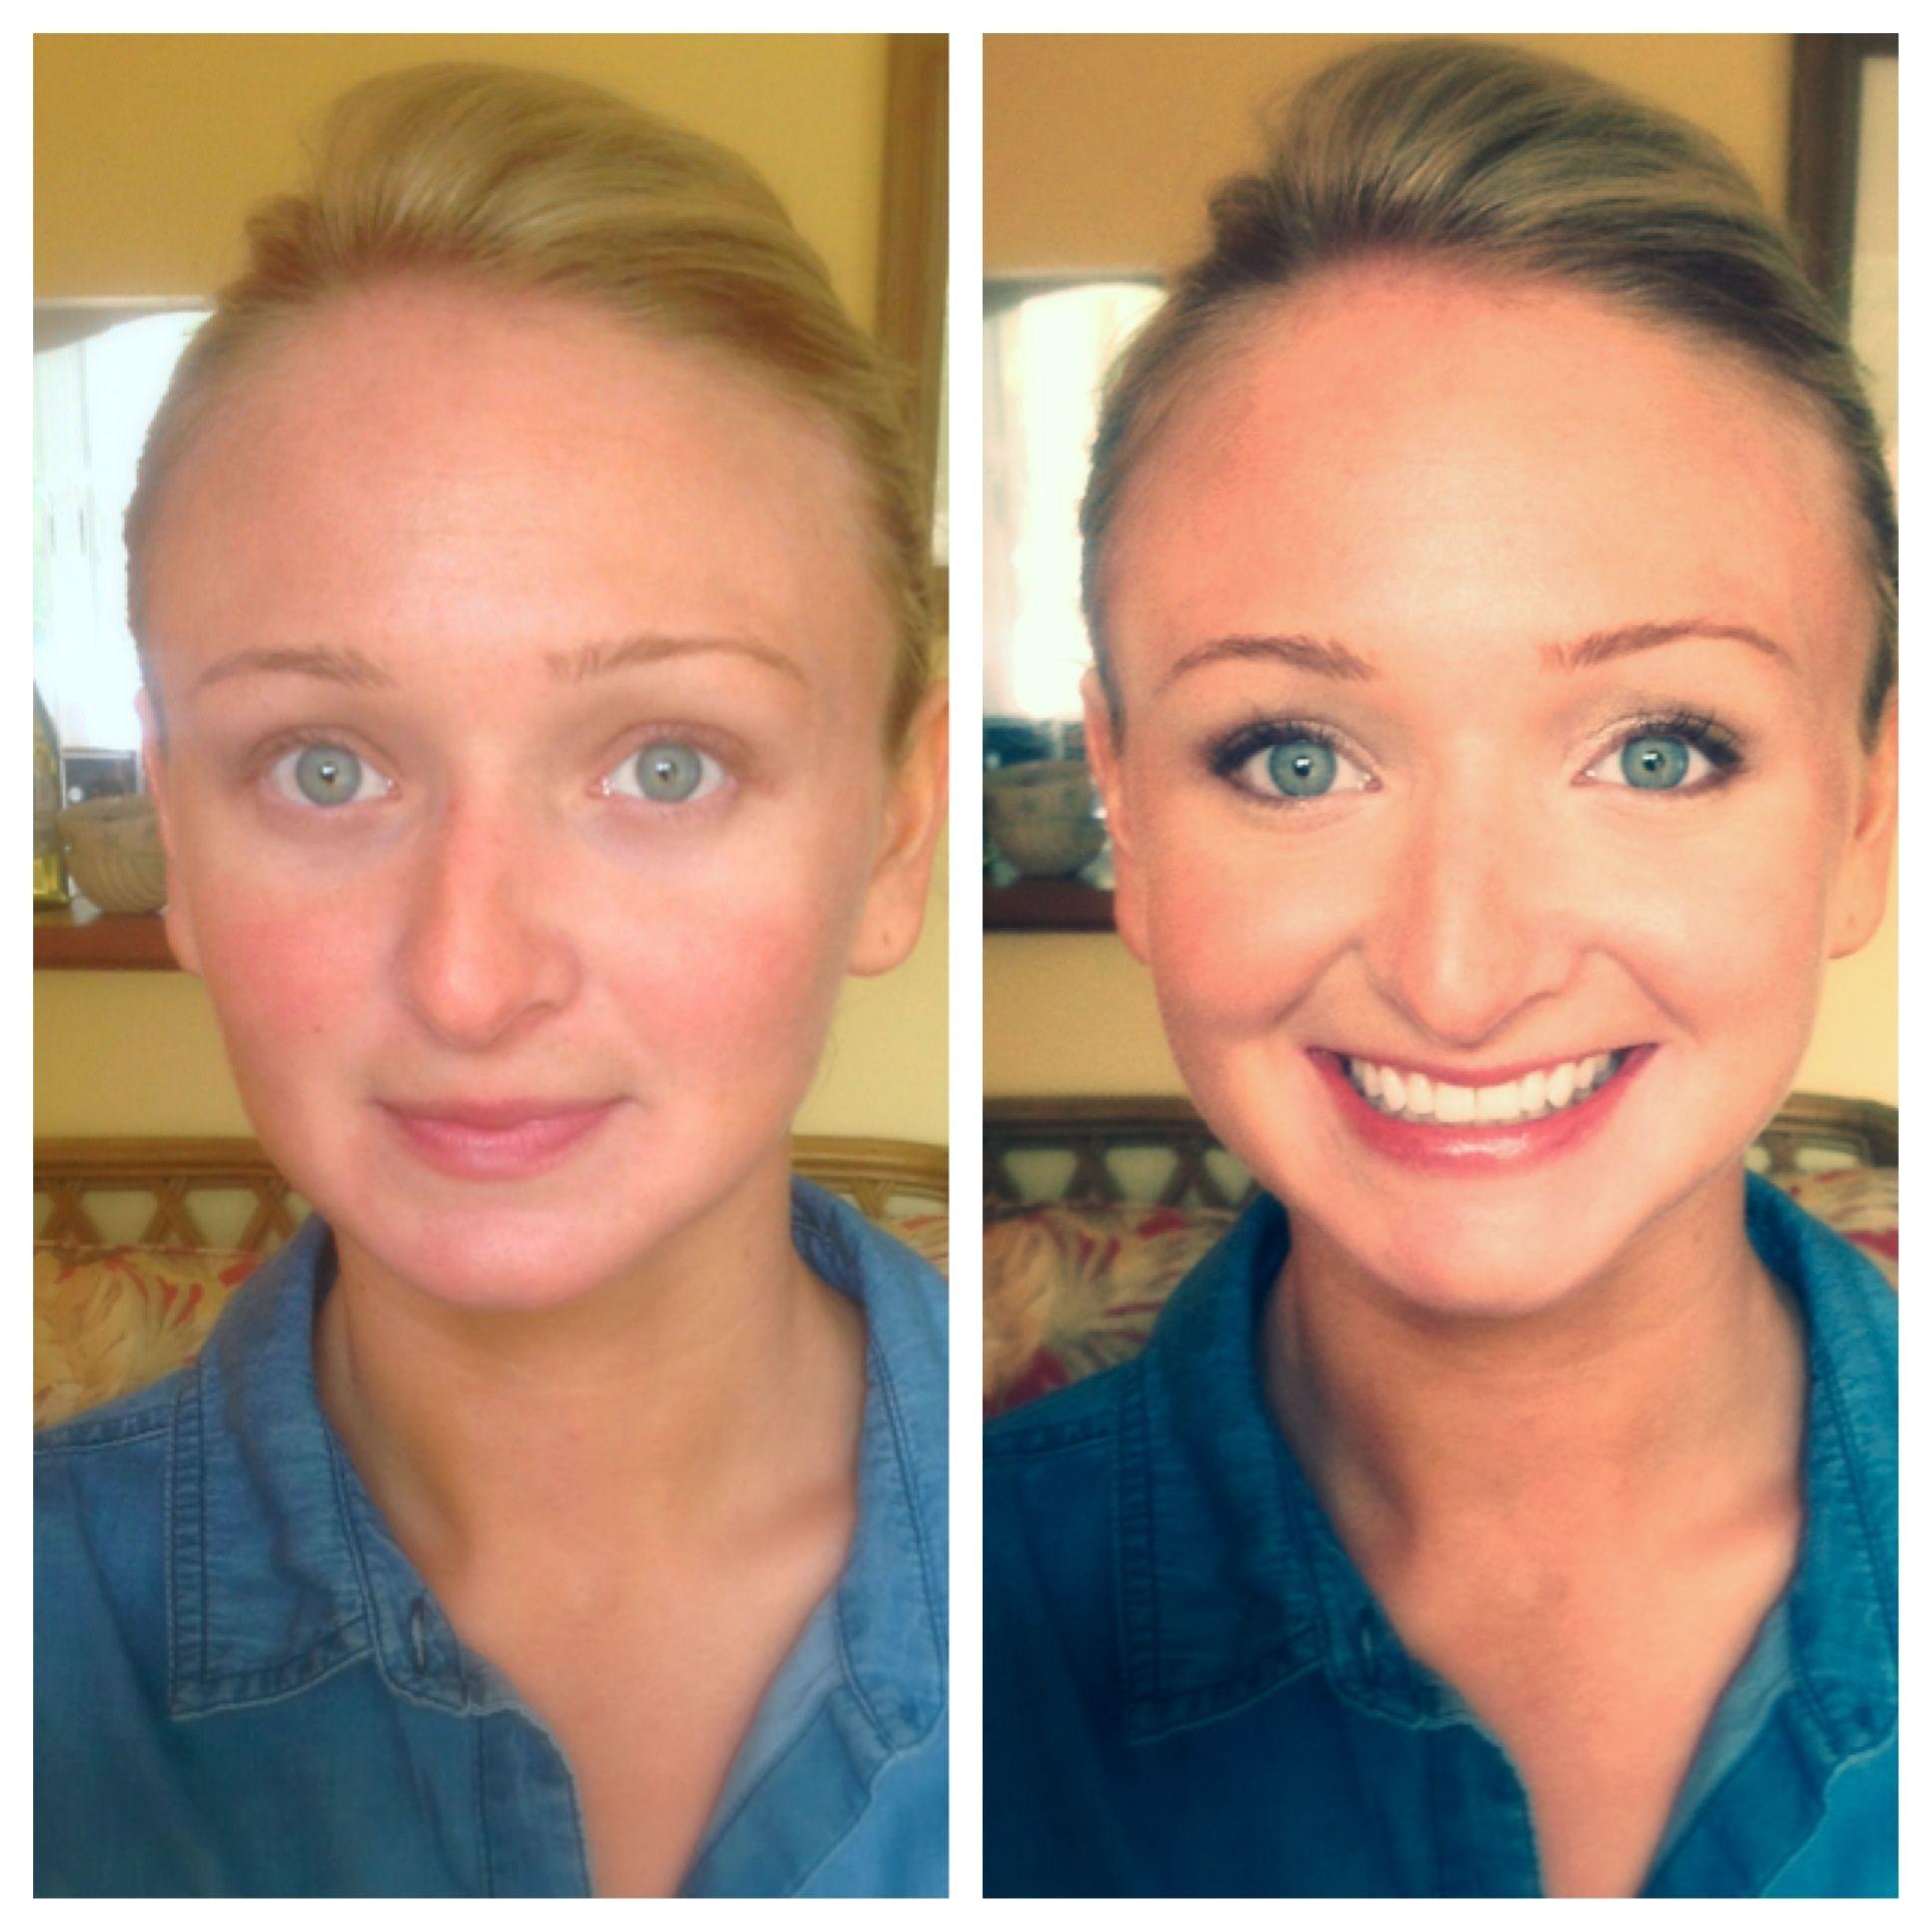 Before And After Makeup Bridesmaids Weddingmakeup Without Makeup Power Of Makeup Some Girls